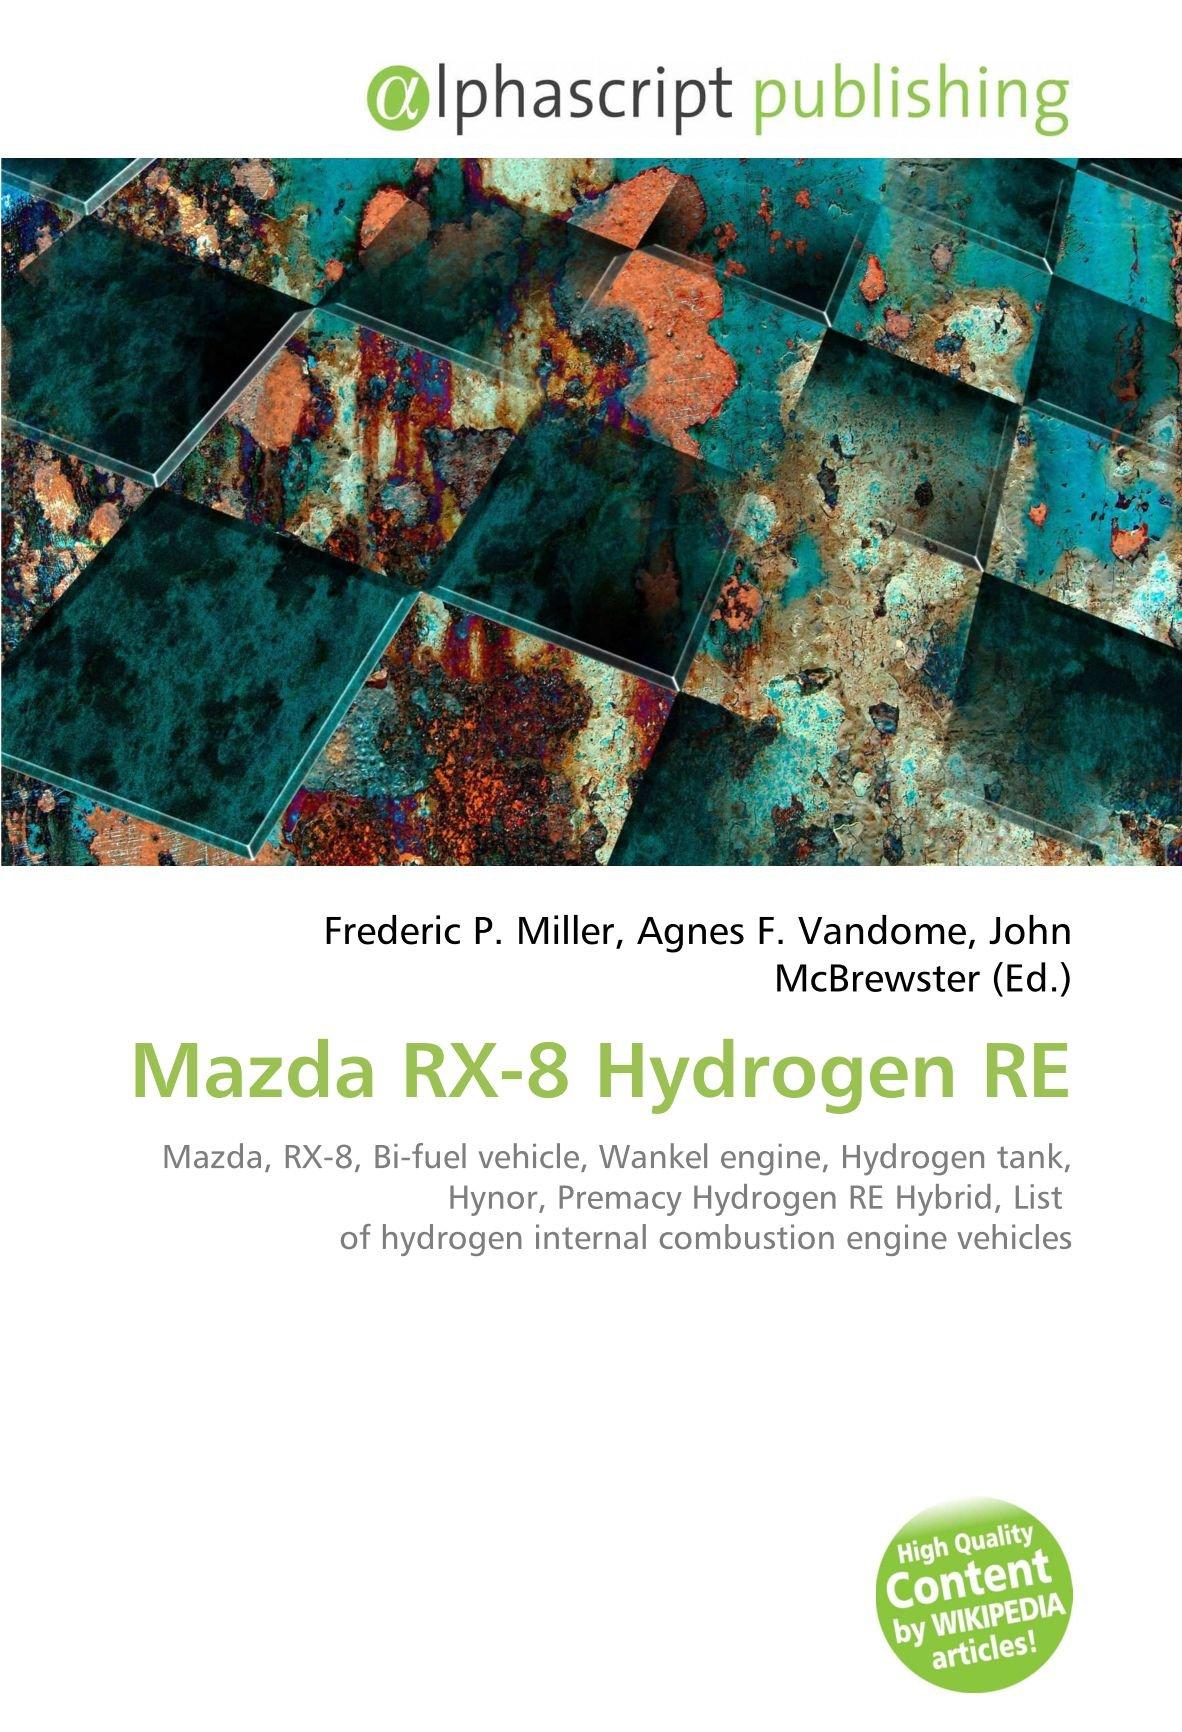 Mazda RX-8 Hydrogen Re: Amazon.es: Frederic P Miller, Agnes F Vandome, John McBrewster: Libros en idiomas extranjeros